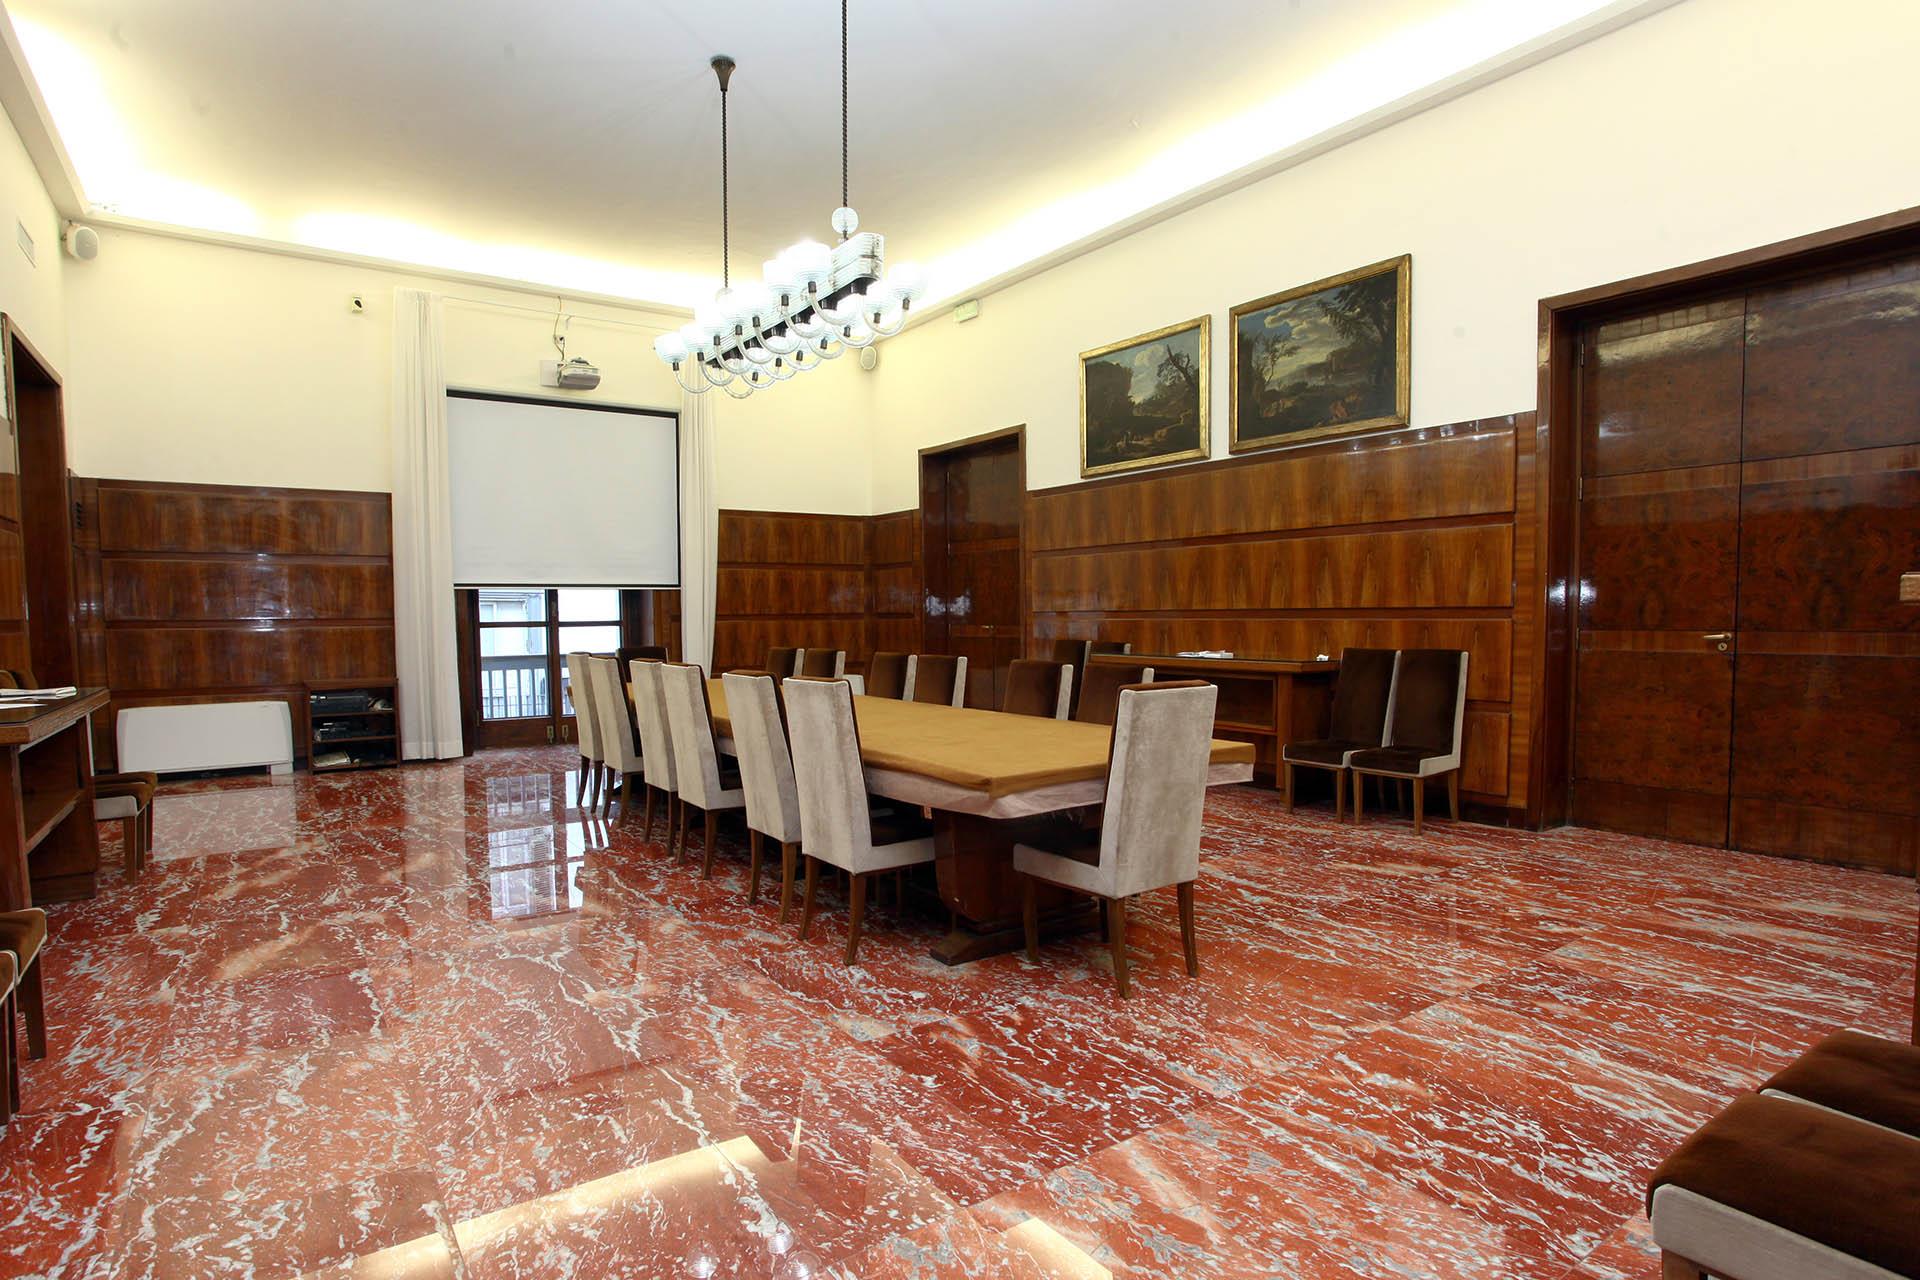 Restauro Falegnameria Banco di Napoli